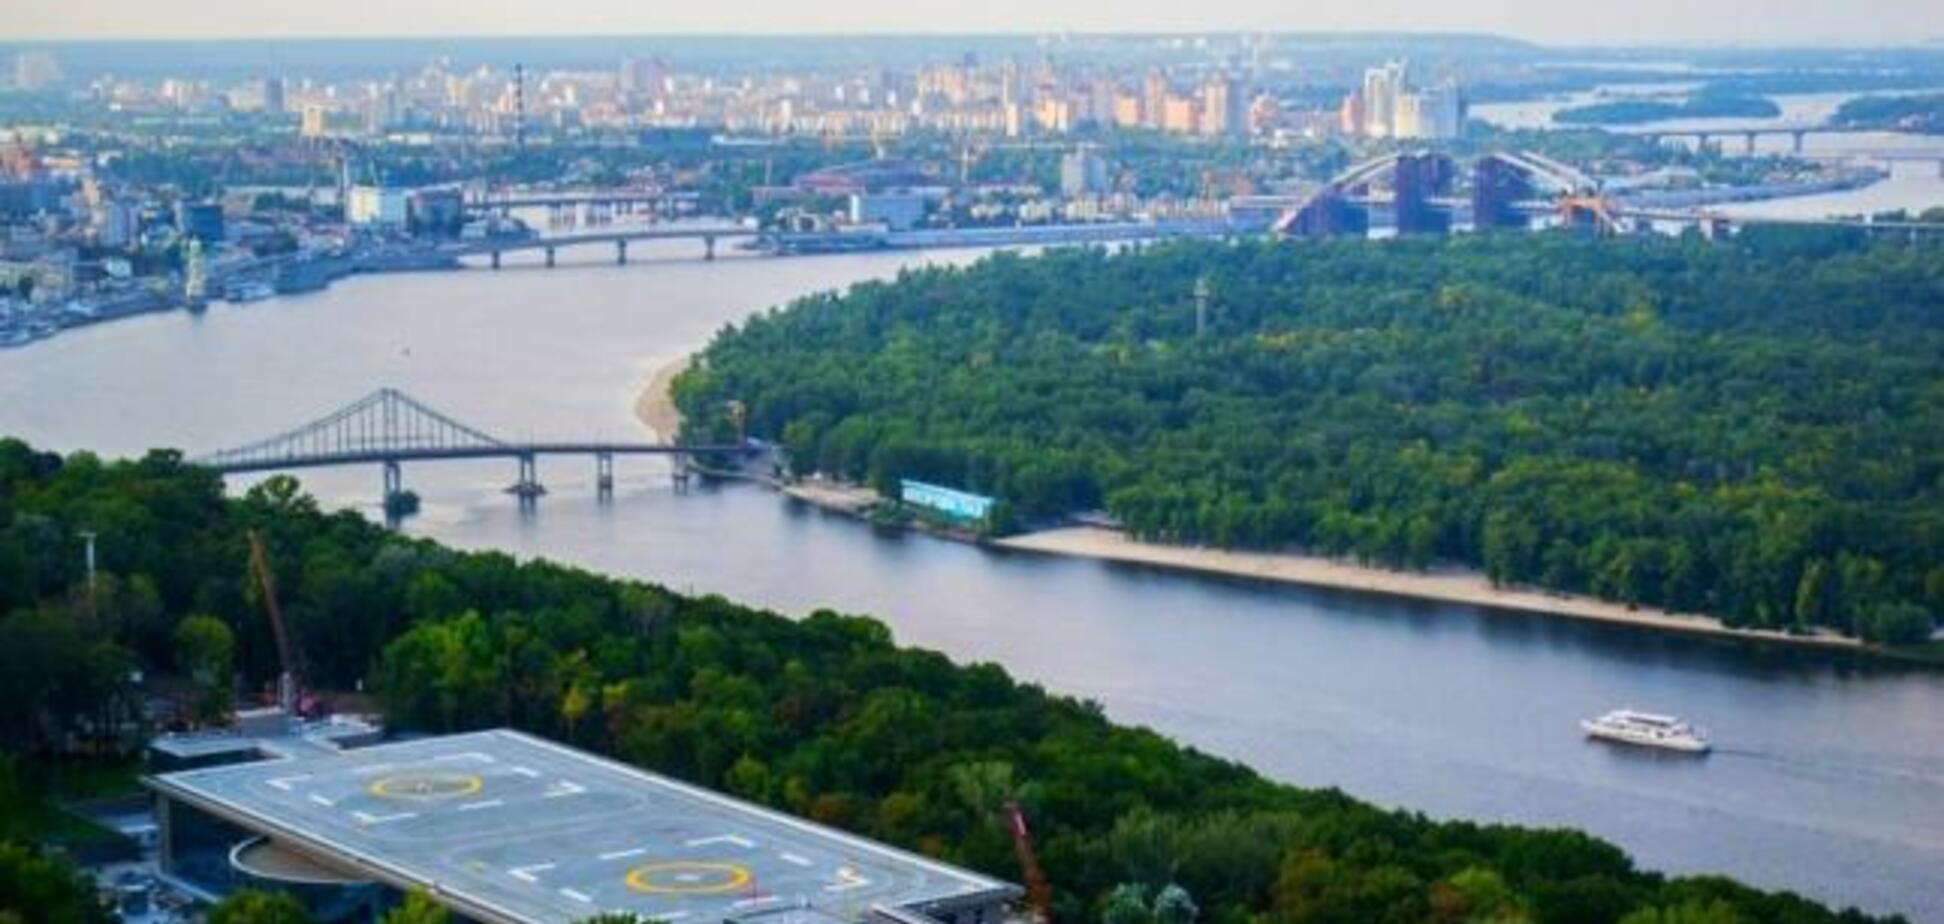 Захват вертолетной площадки Януковича: прокуратура приняла важное решение